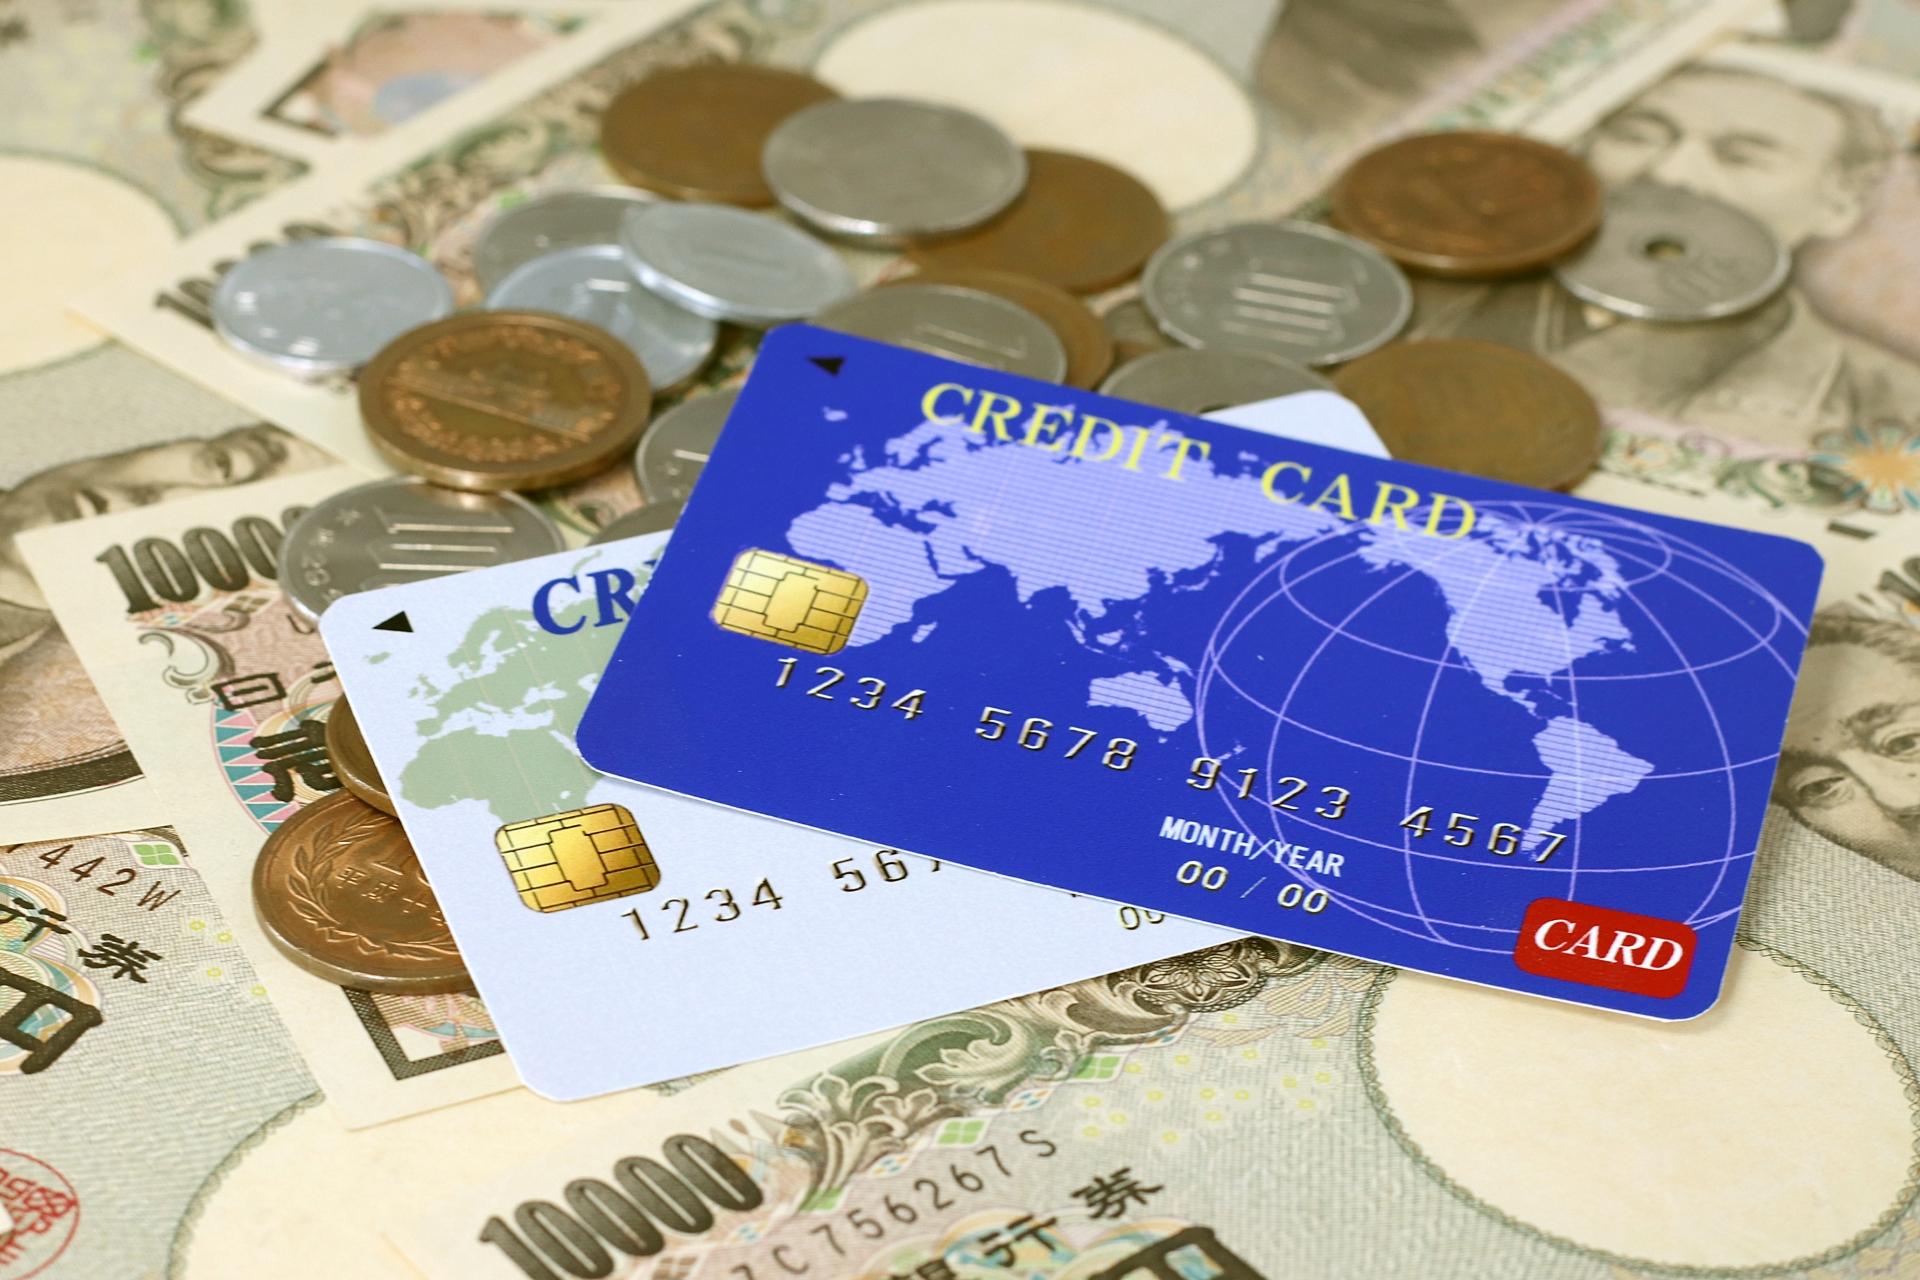 JCBギフトカードはクレジットカードや携帯キャリア決済で購入できる?